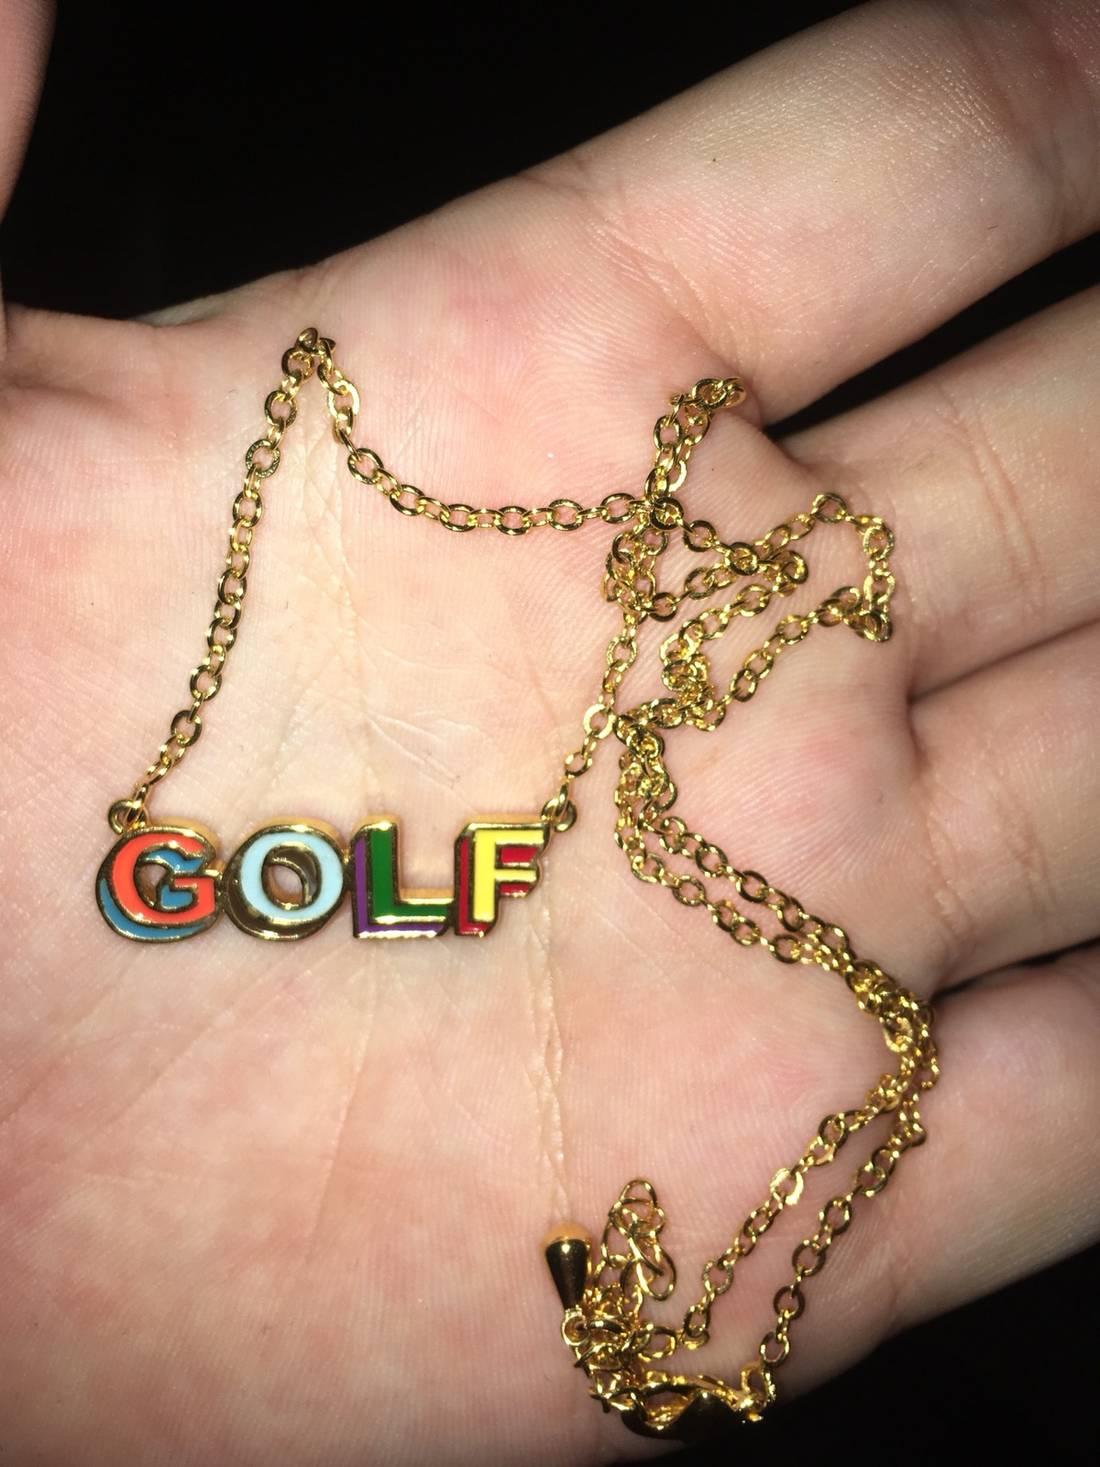 Golf wang golf wang 3d logo gold necklace size one size jewelry golf wang golf wang 3d logo gold necklace size one size 1 aloadofball Images